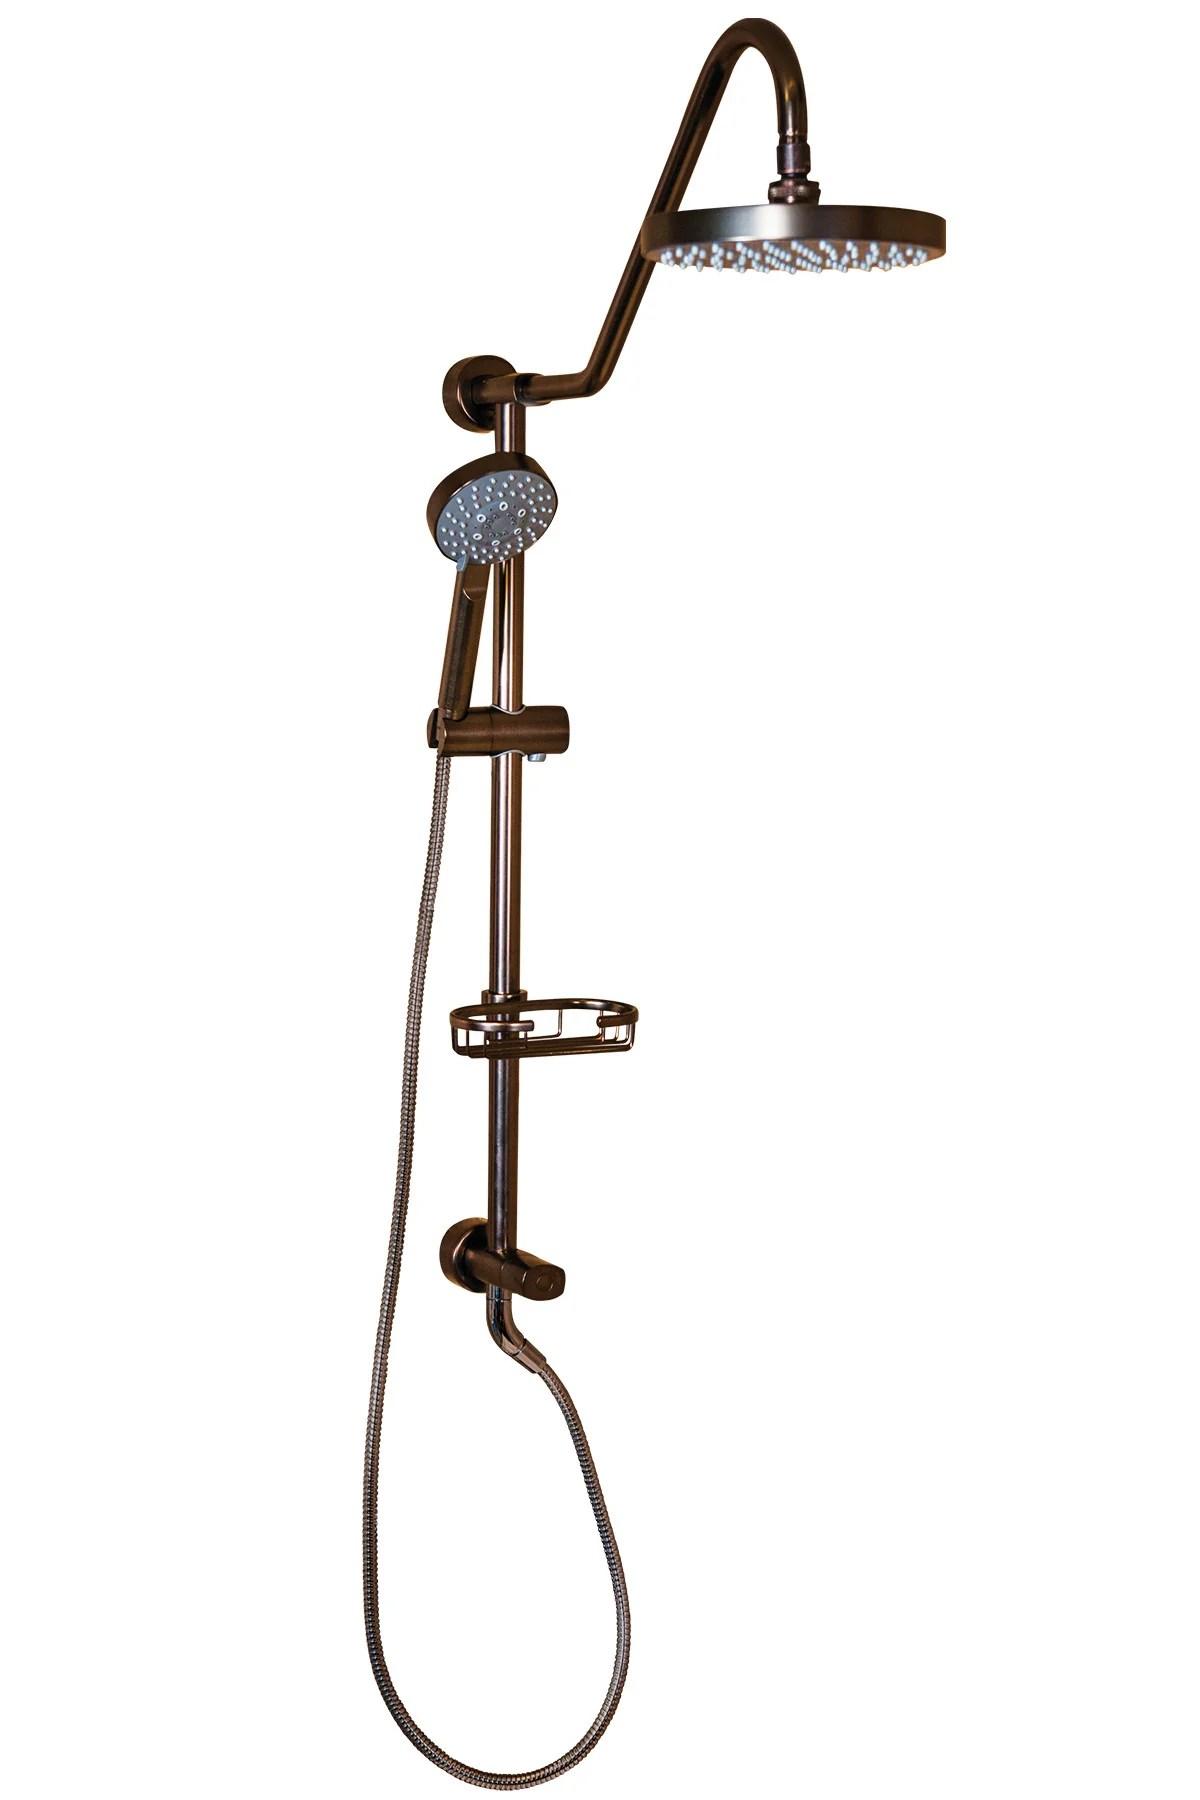 Fullsize Of Oil Rubbed Bronze Shower Head